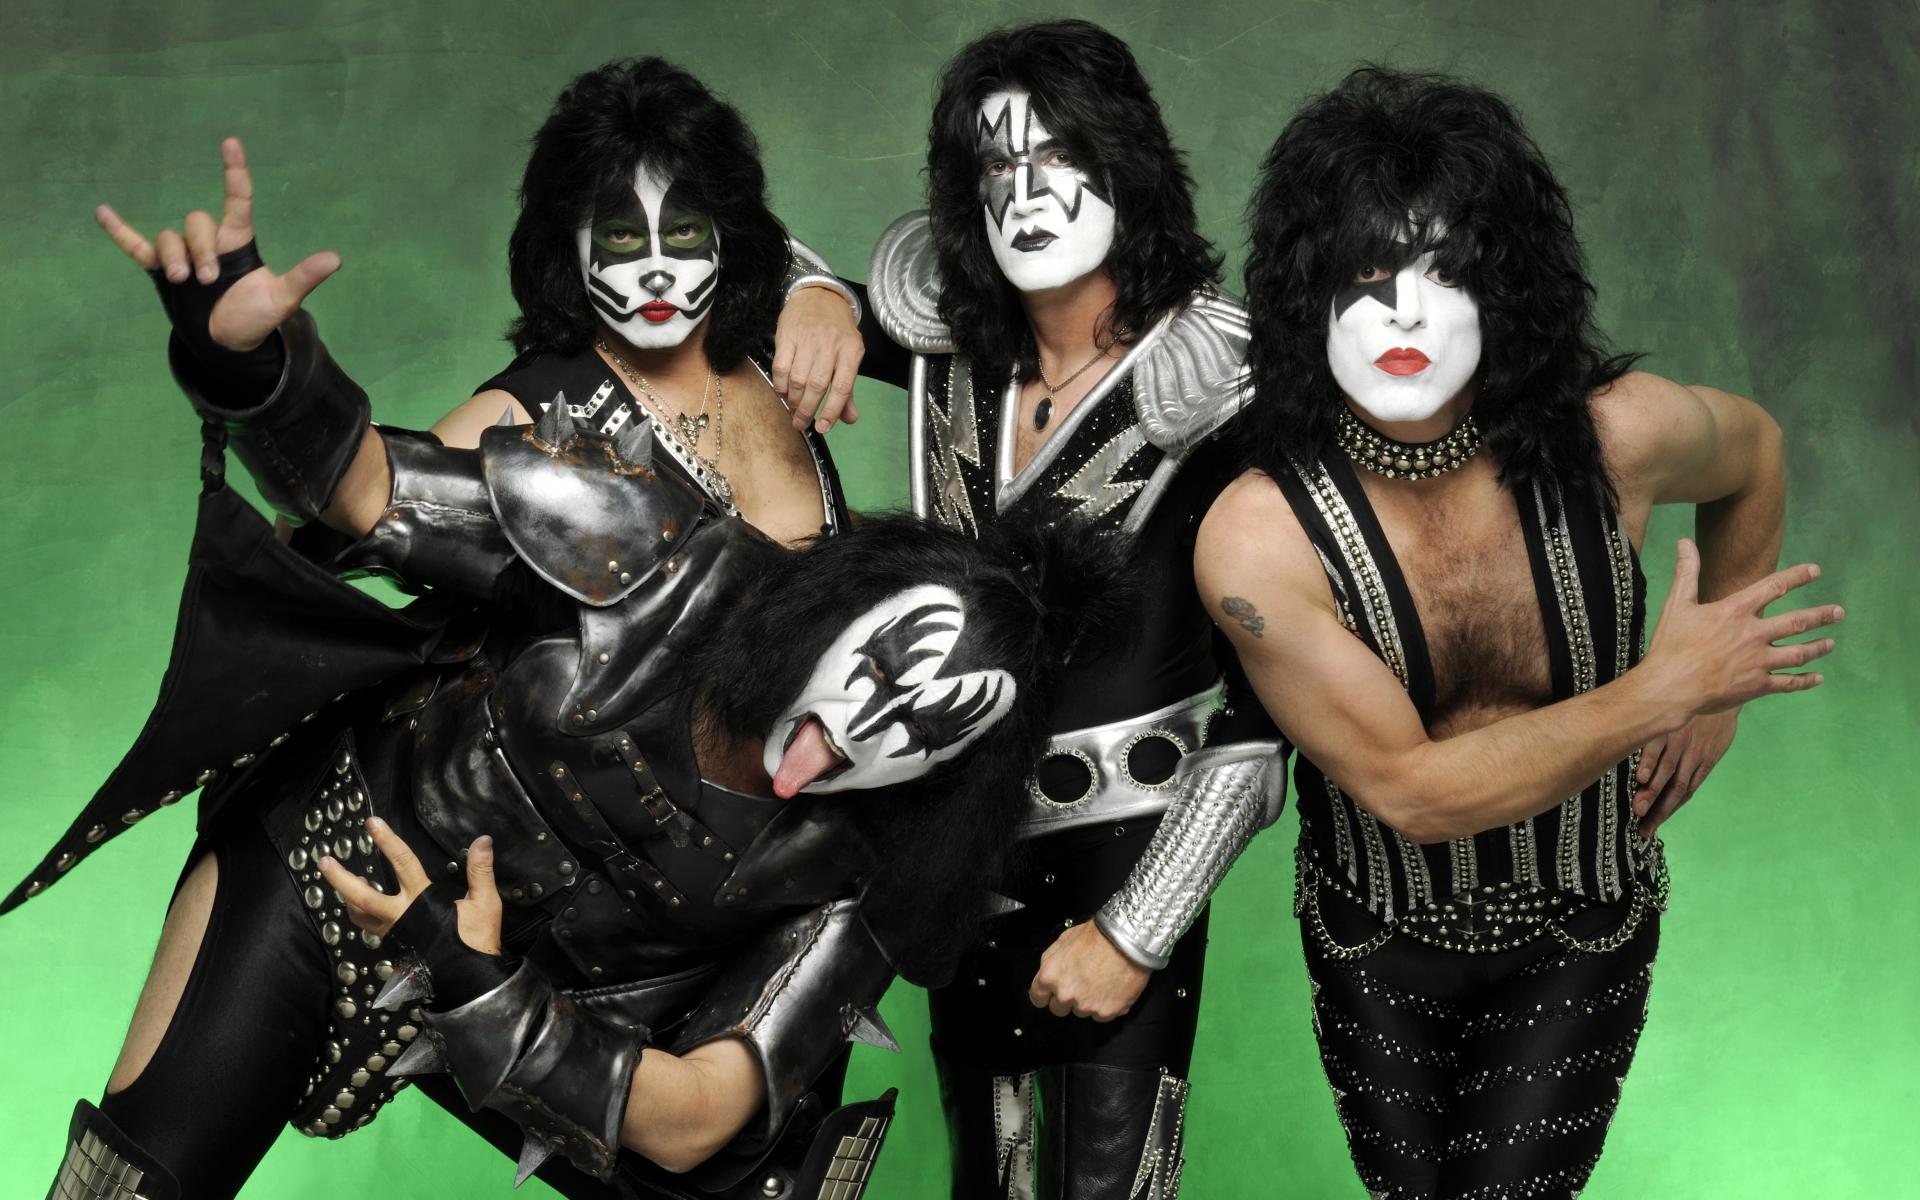 Las caras pintadas de Kiss - 1920x1200